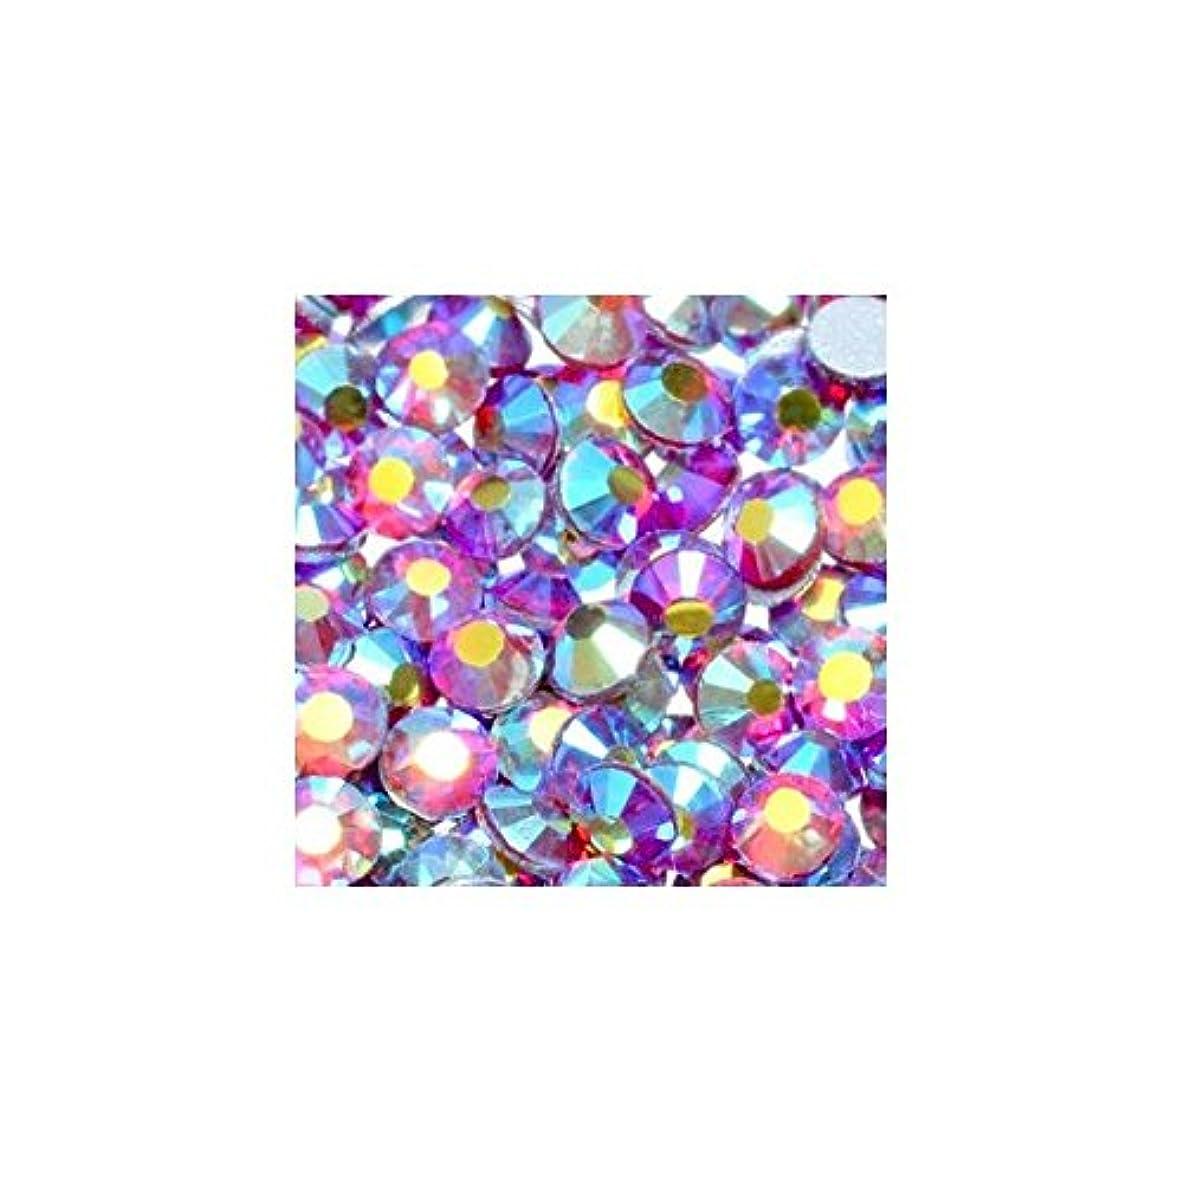 性格その他コマンド高品質クリスタルガラスラインストーン オーロラ ライトシャム Siam AB(SS6) 10Gross 約1440粒